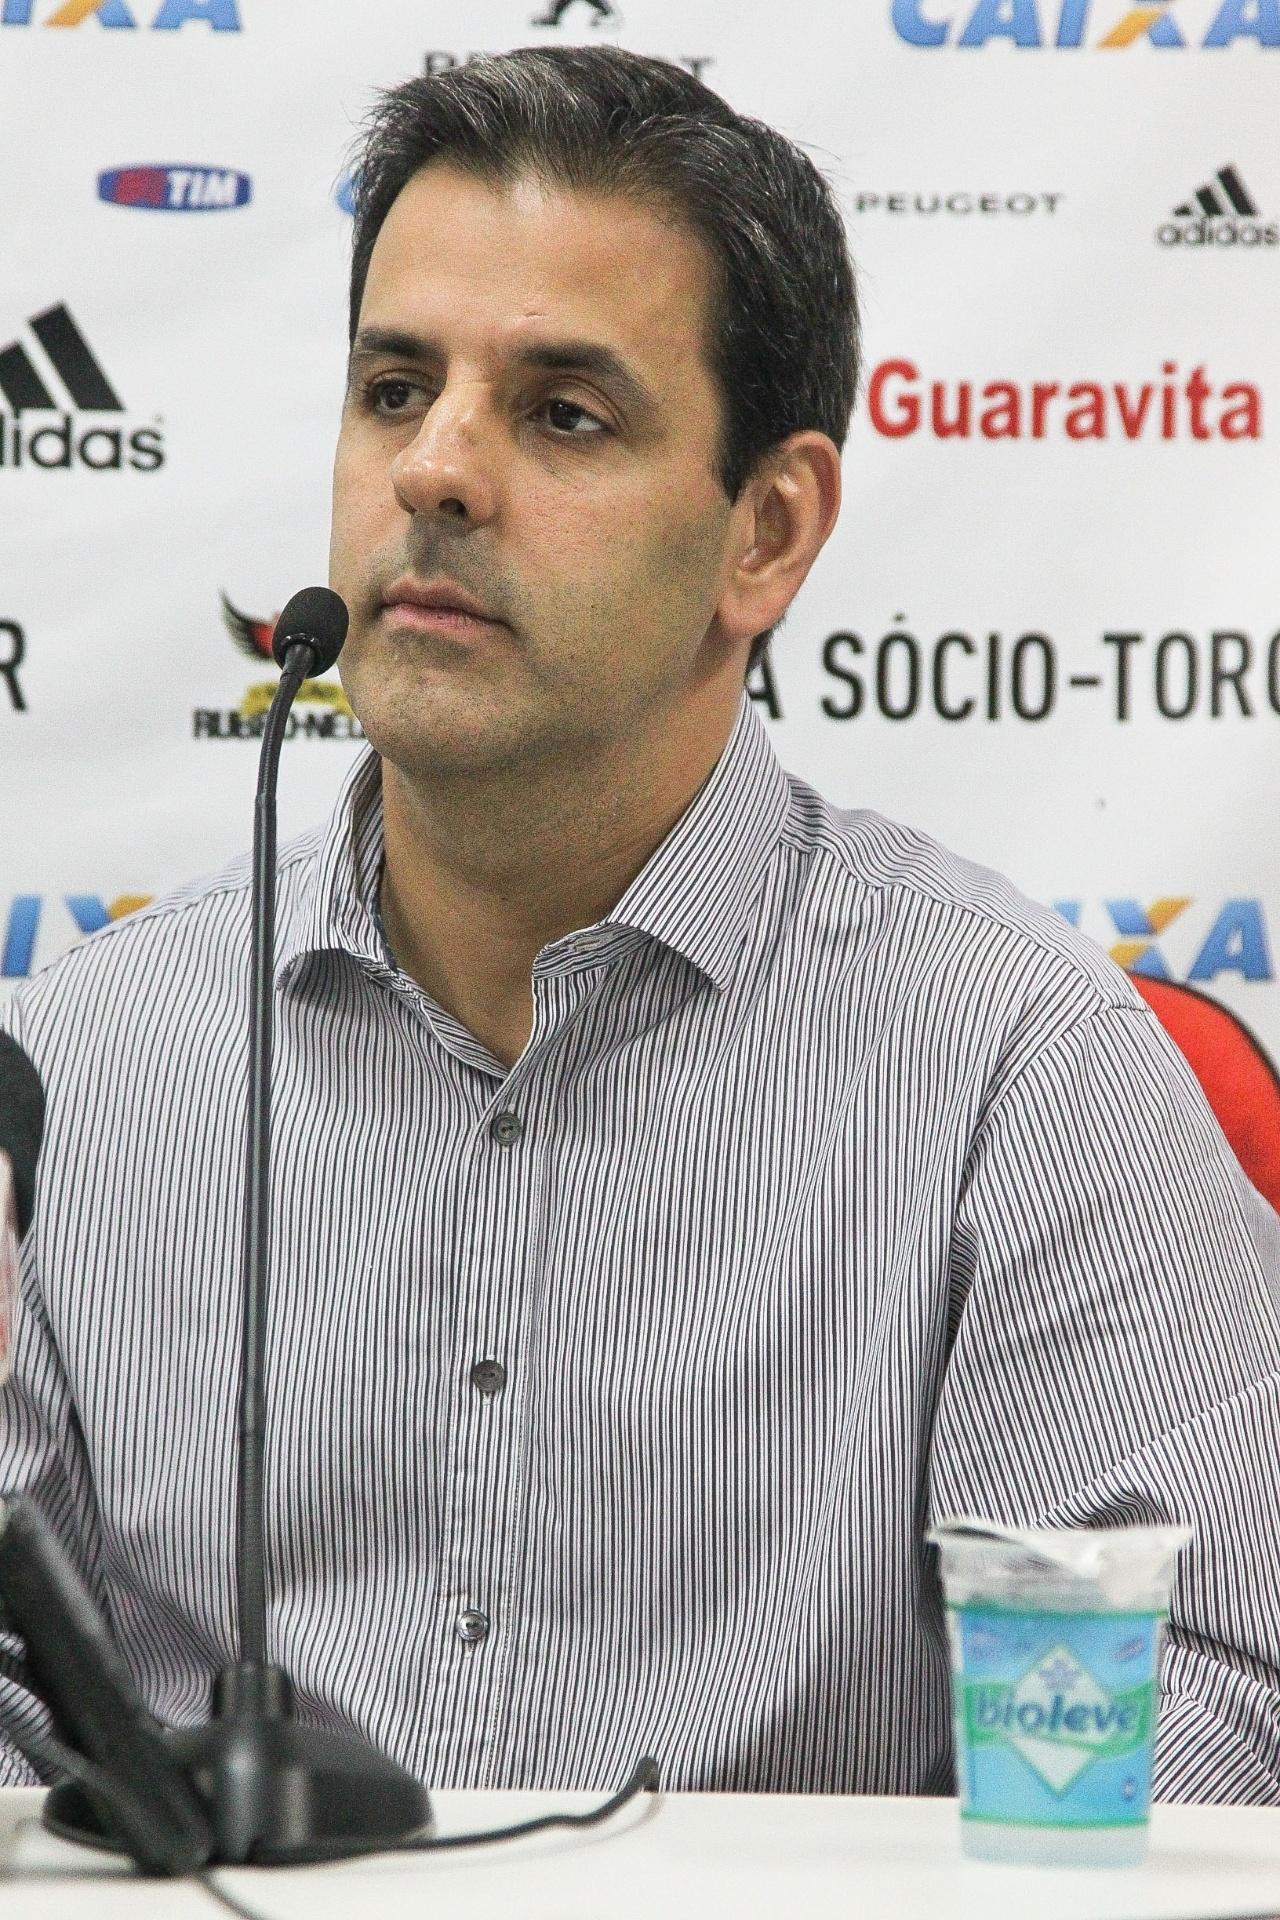 Alexandre Wrobel, ex-vice de patrimônio e atual vice-presidente de futebol do Flamengo